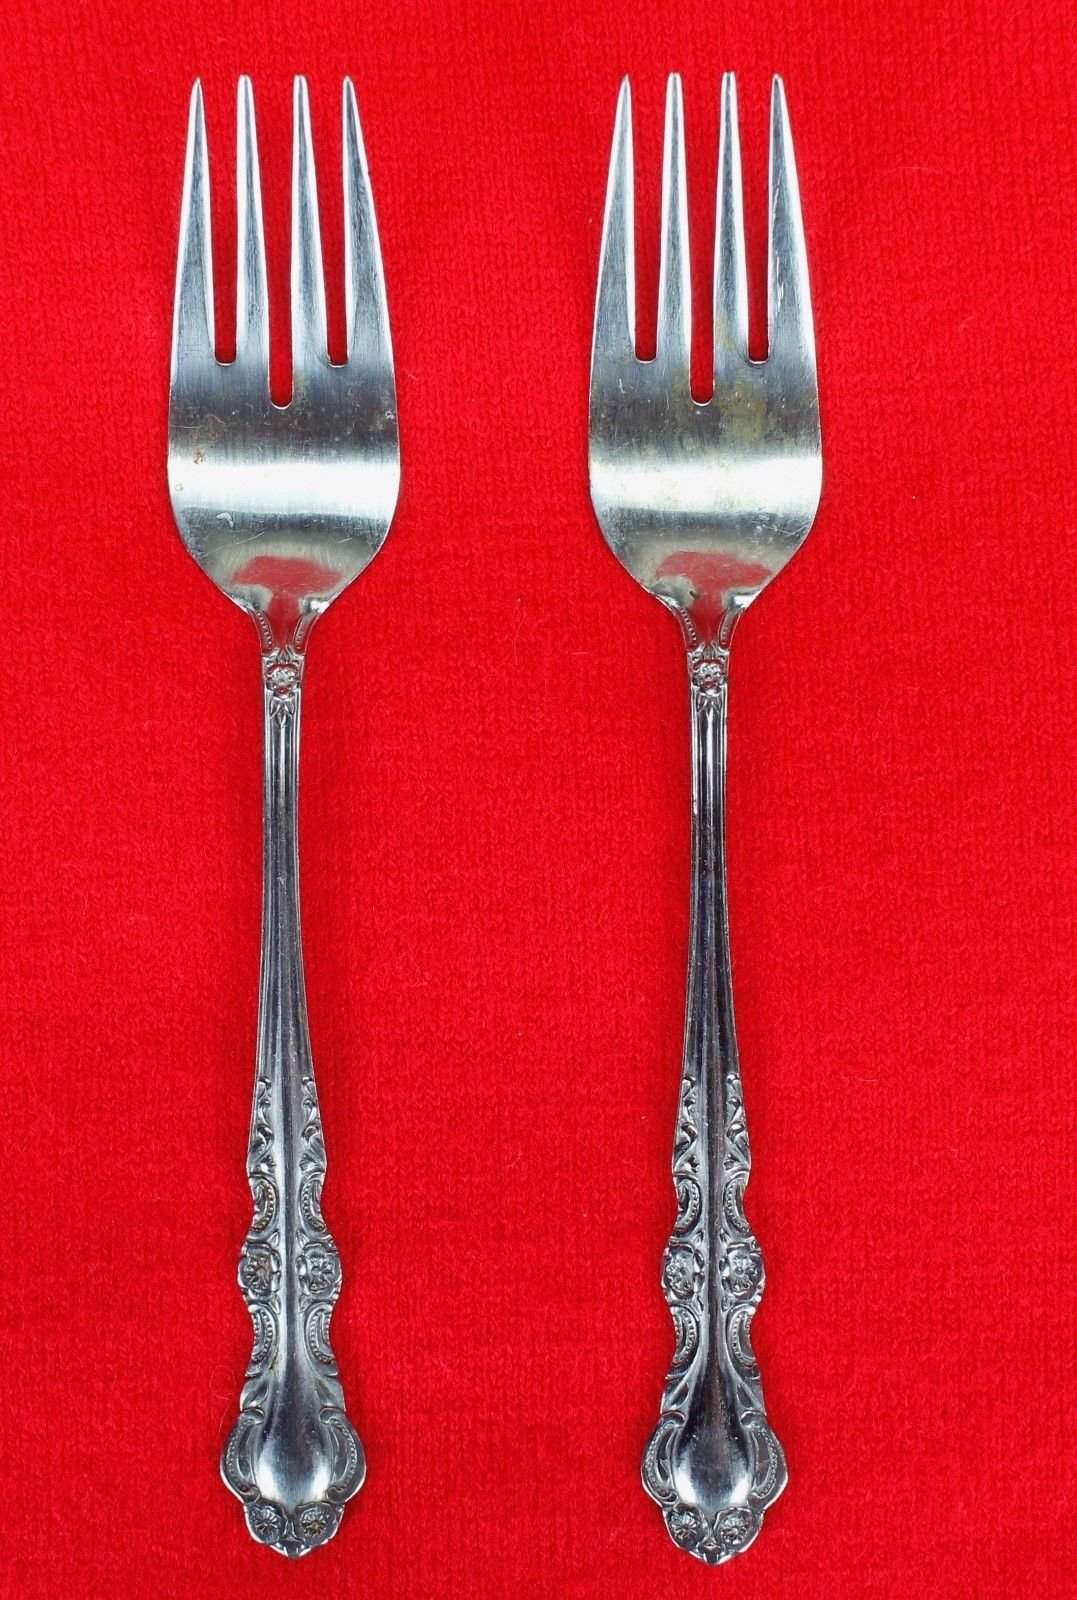 """2X Salad Forks EKCO Eterna Sandra Jeanne Stainless Glossy Flatware 6.5"""" Fork"""